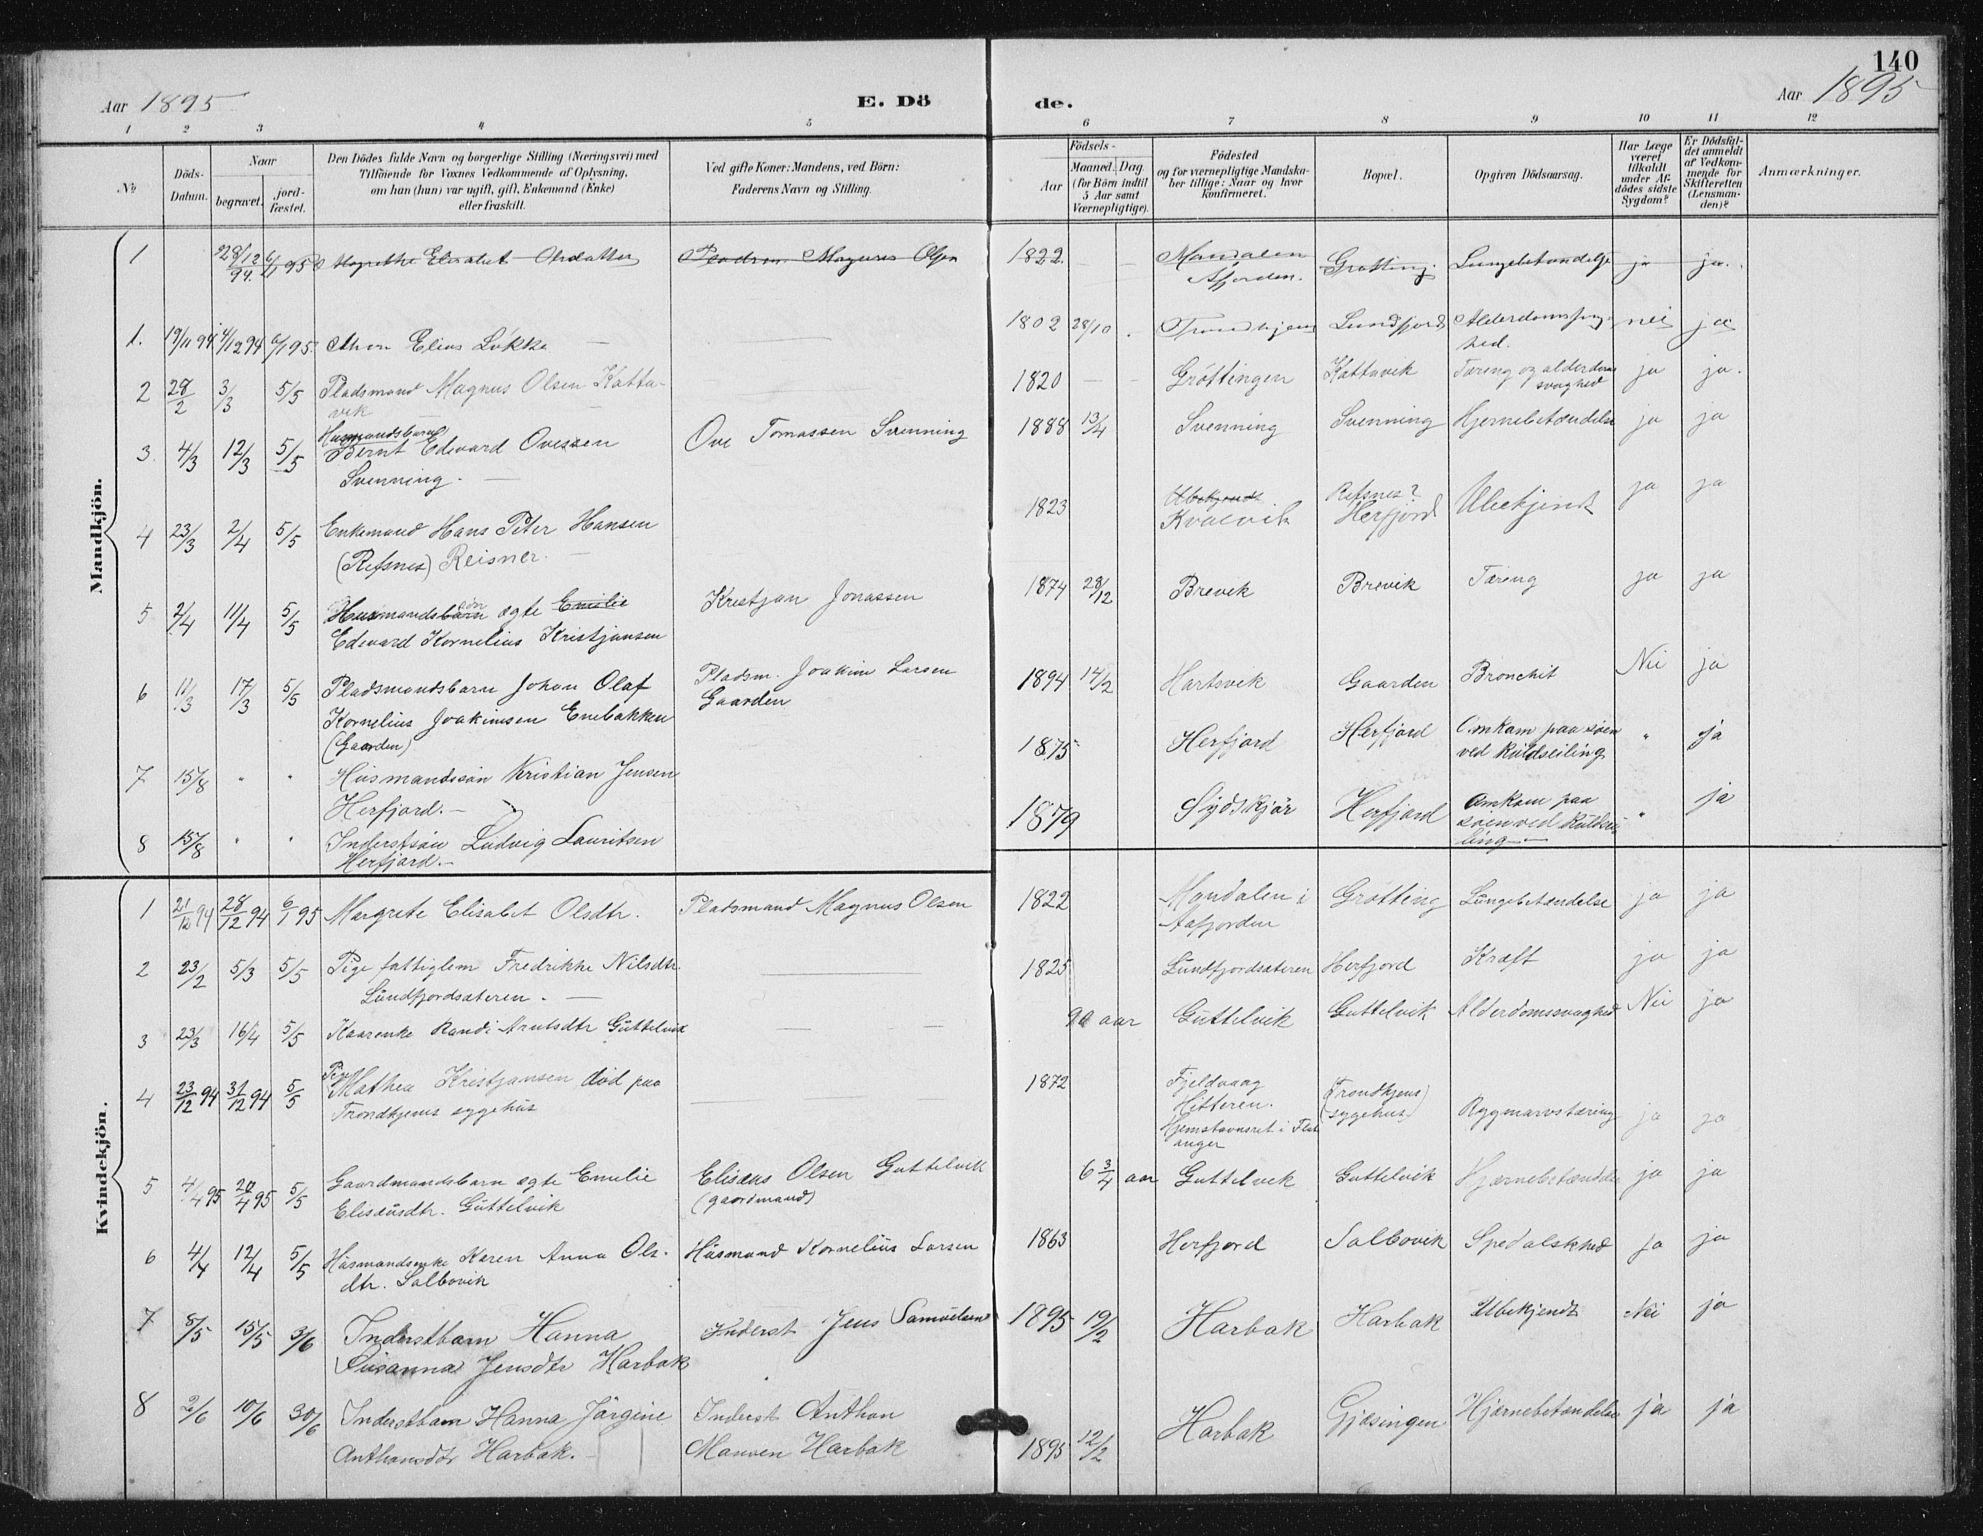 SAT, Ministerialprotokoller, klokkerbøker og fødselsregistre - Sør-Trøndelag, 656/L0698: Klokkerbok nr. 656C04, 1890-1904, s. 140